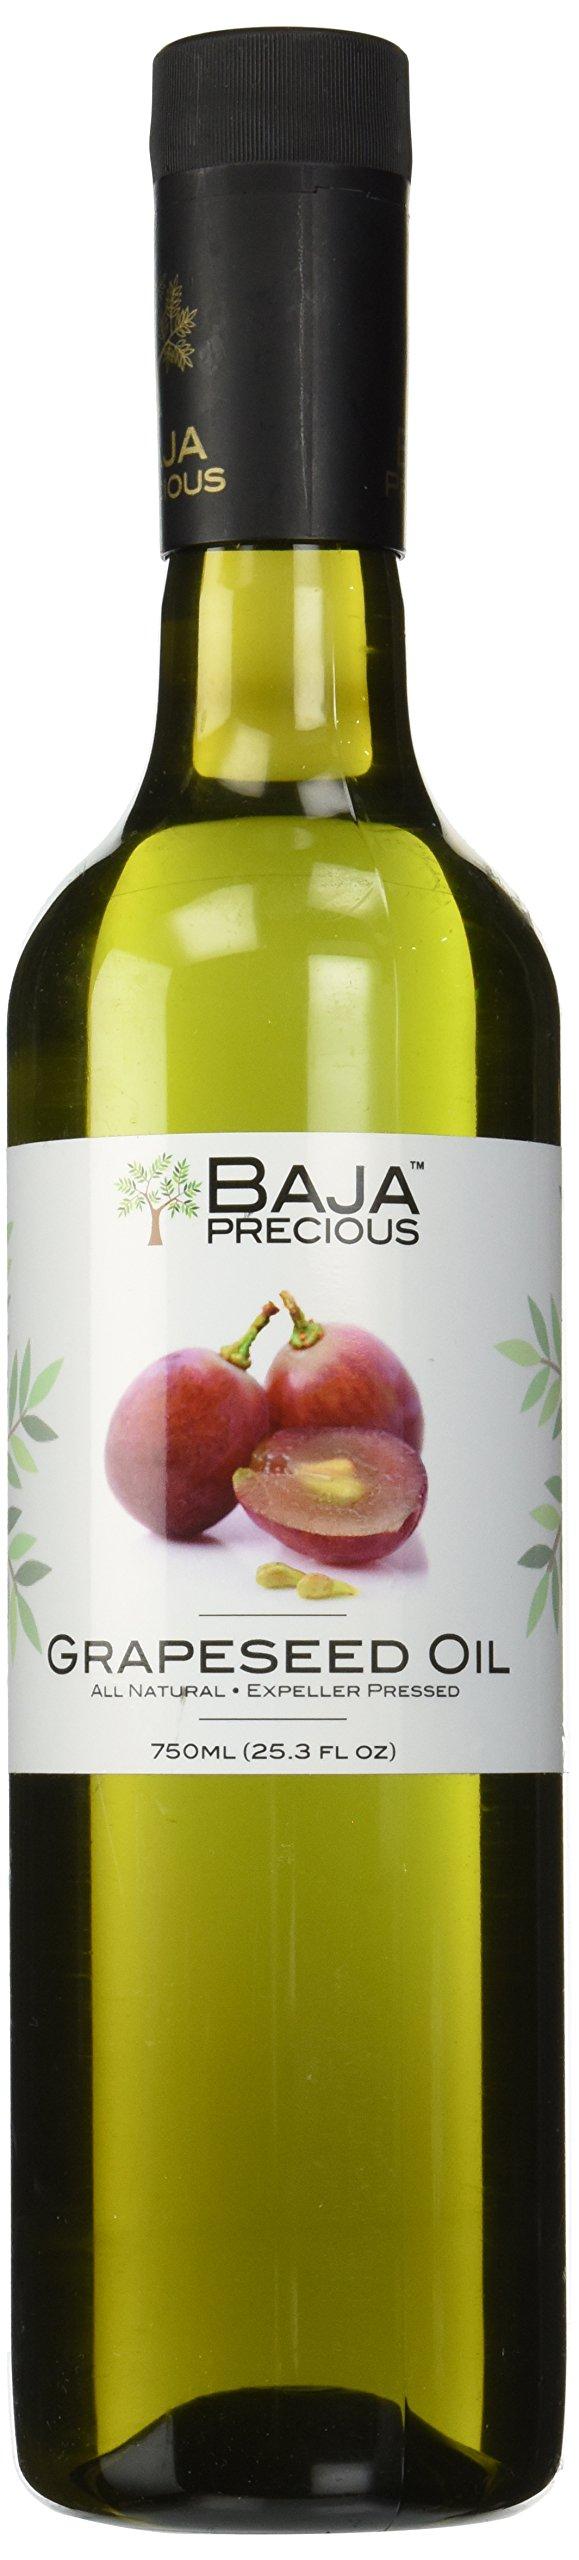 Baja Precious - Grapeseed Oil, 750ml (25.3 Fl Oz)